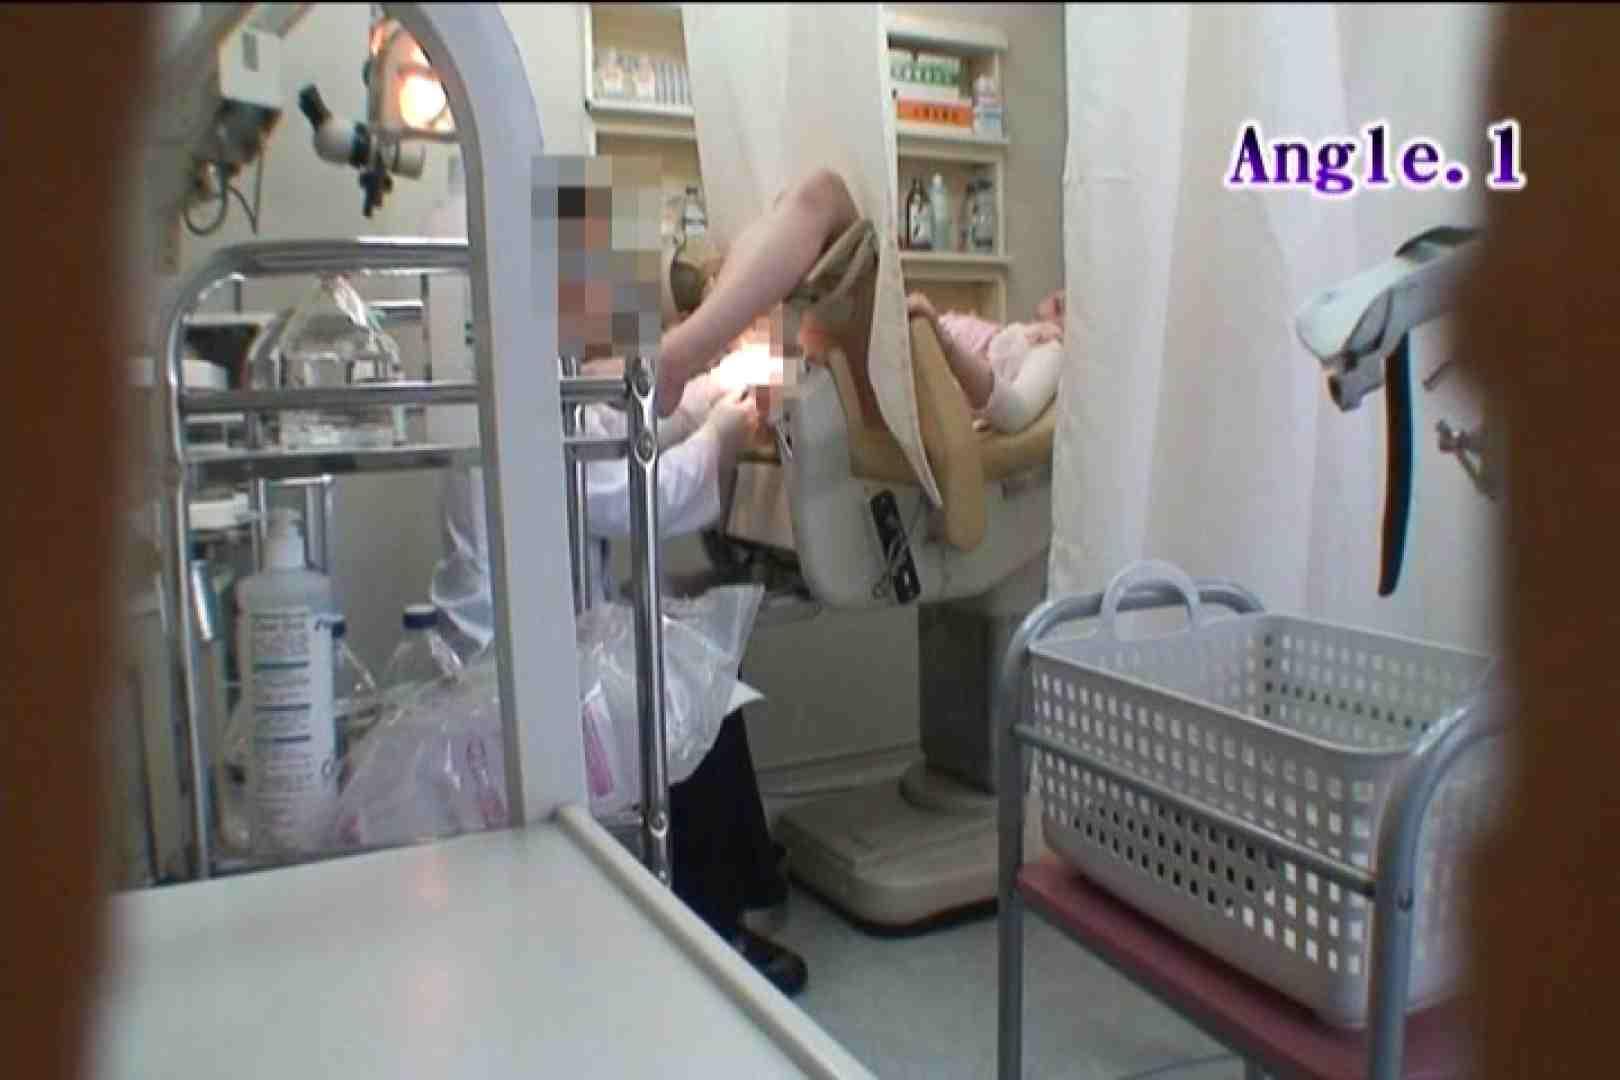 患者のおまんこをコレクションする変態医師の流出映像Vol.5 マンコ・ムレムレ | おまんこ  73pic 33